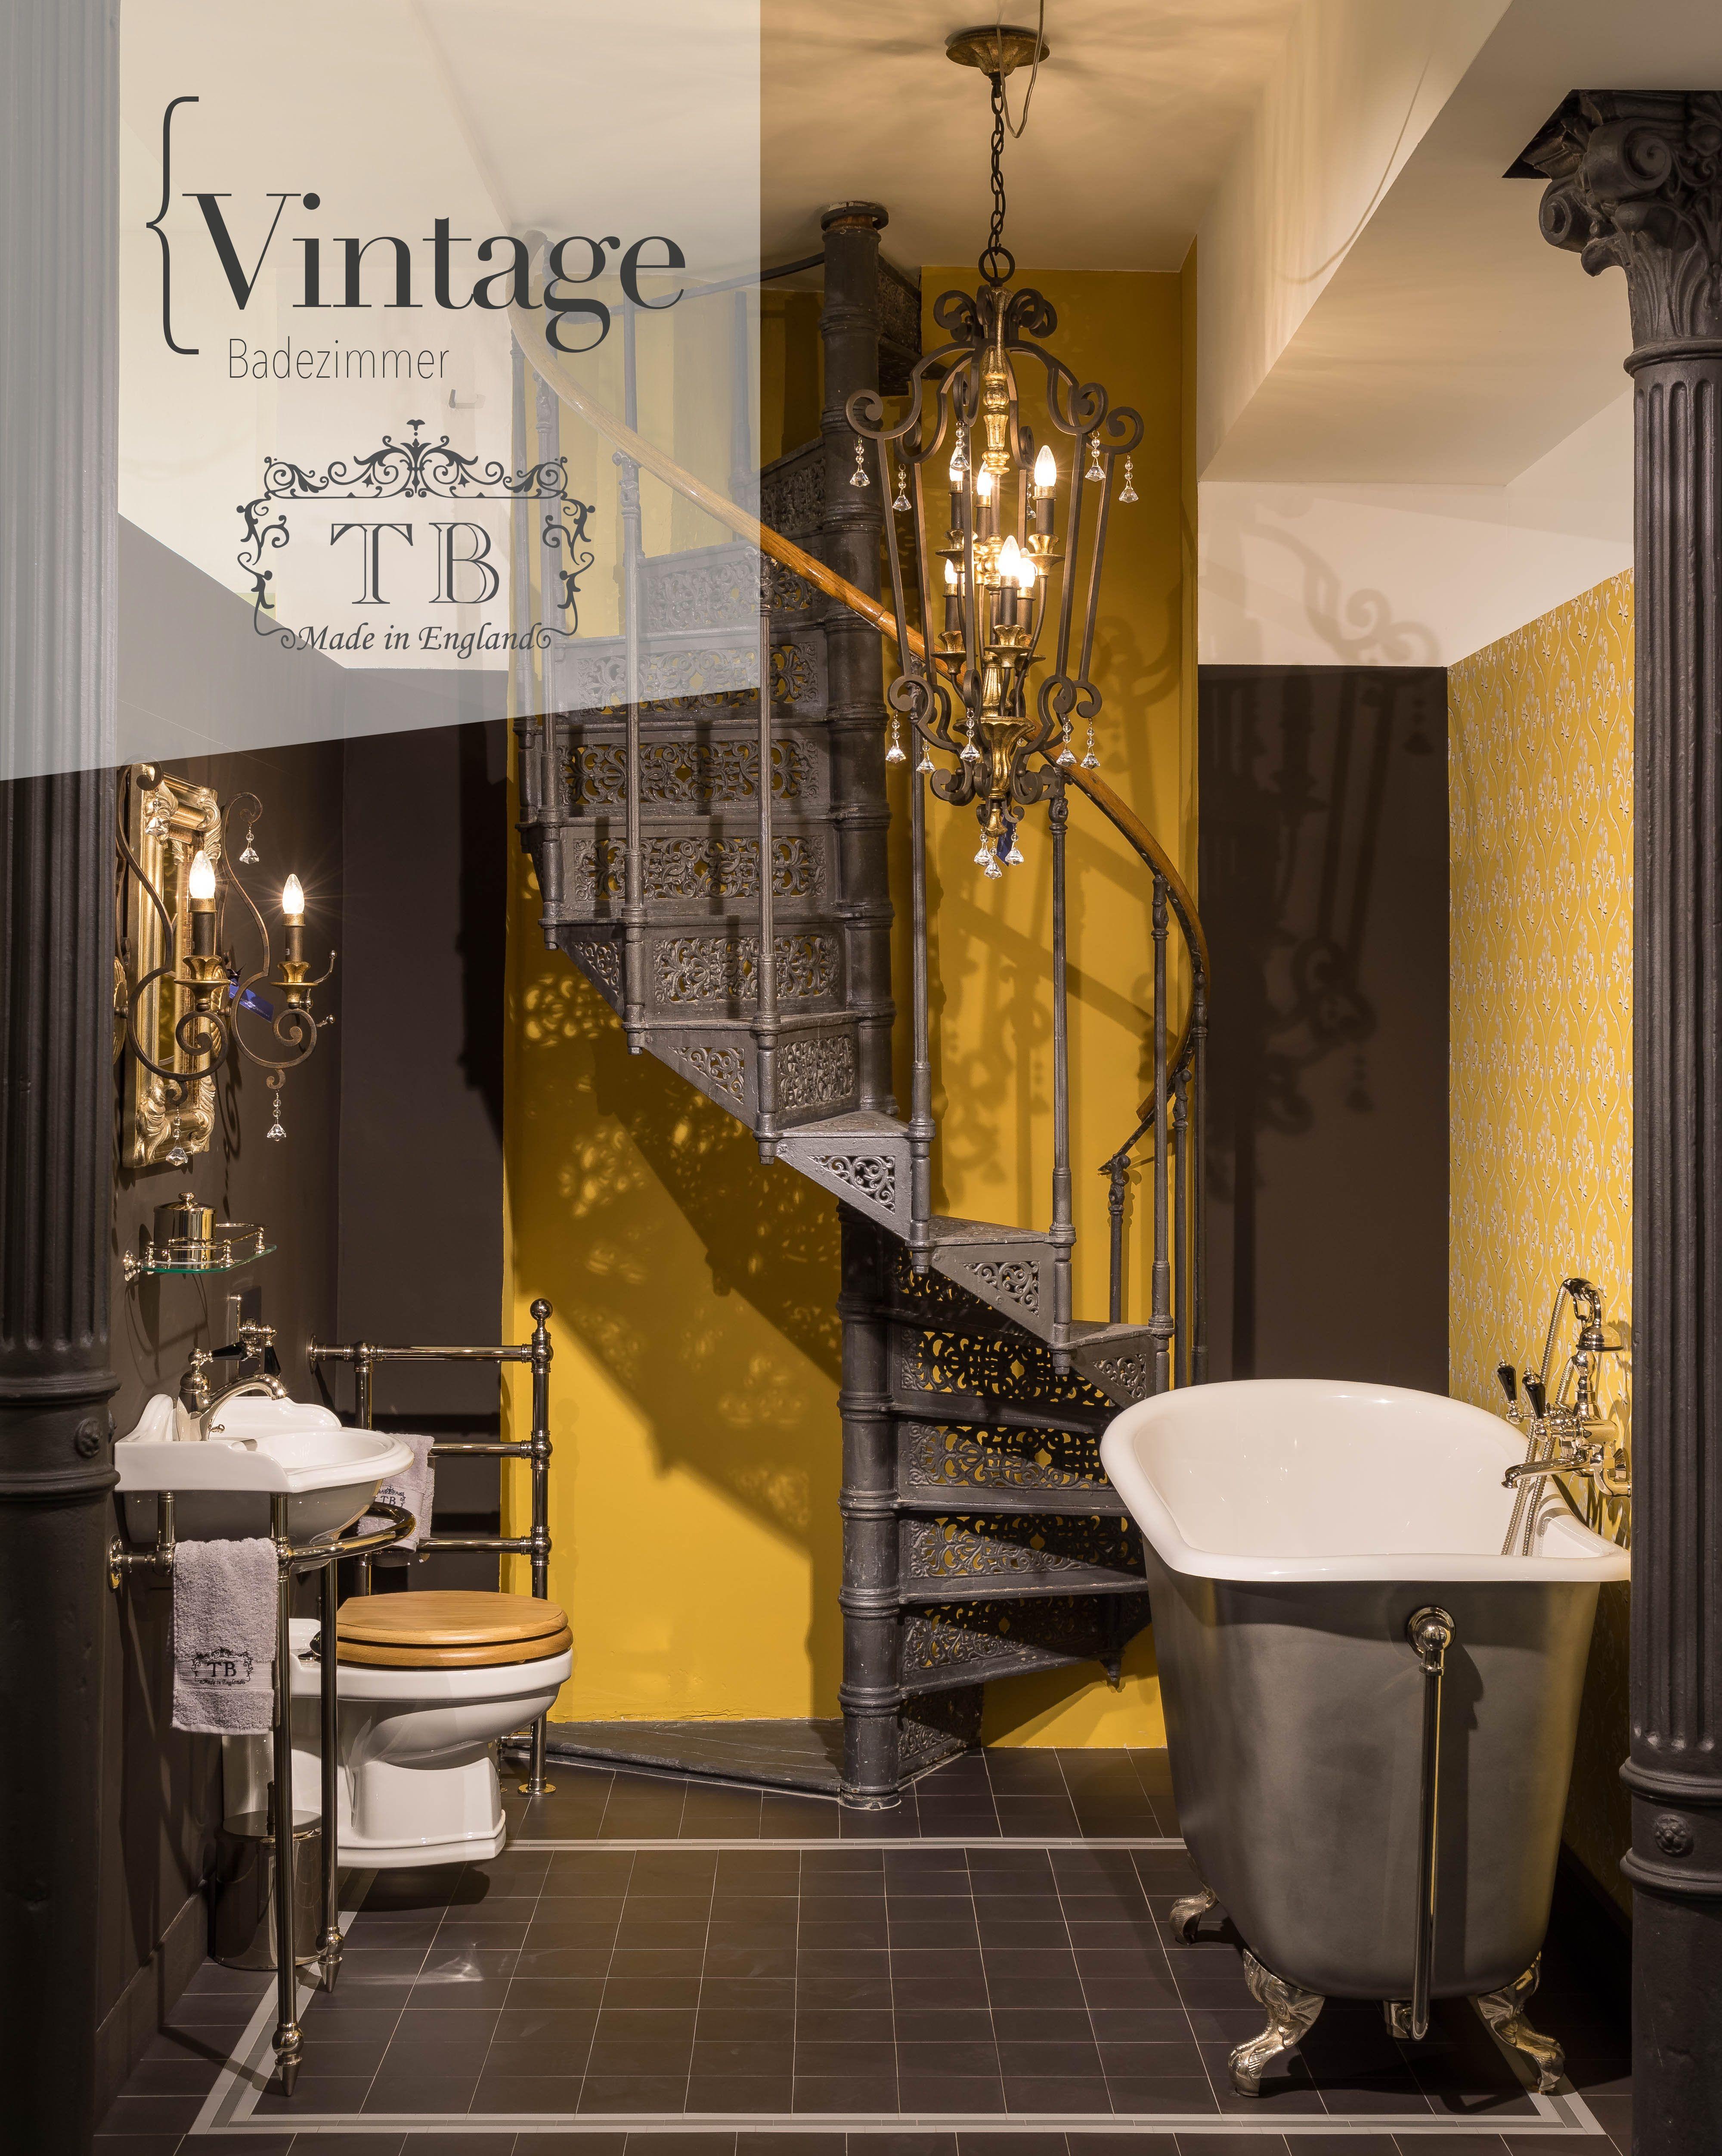 Vintage Badezimmer In 2020 Vintage Badezimmer Traditionelle Bader Badezimmer